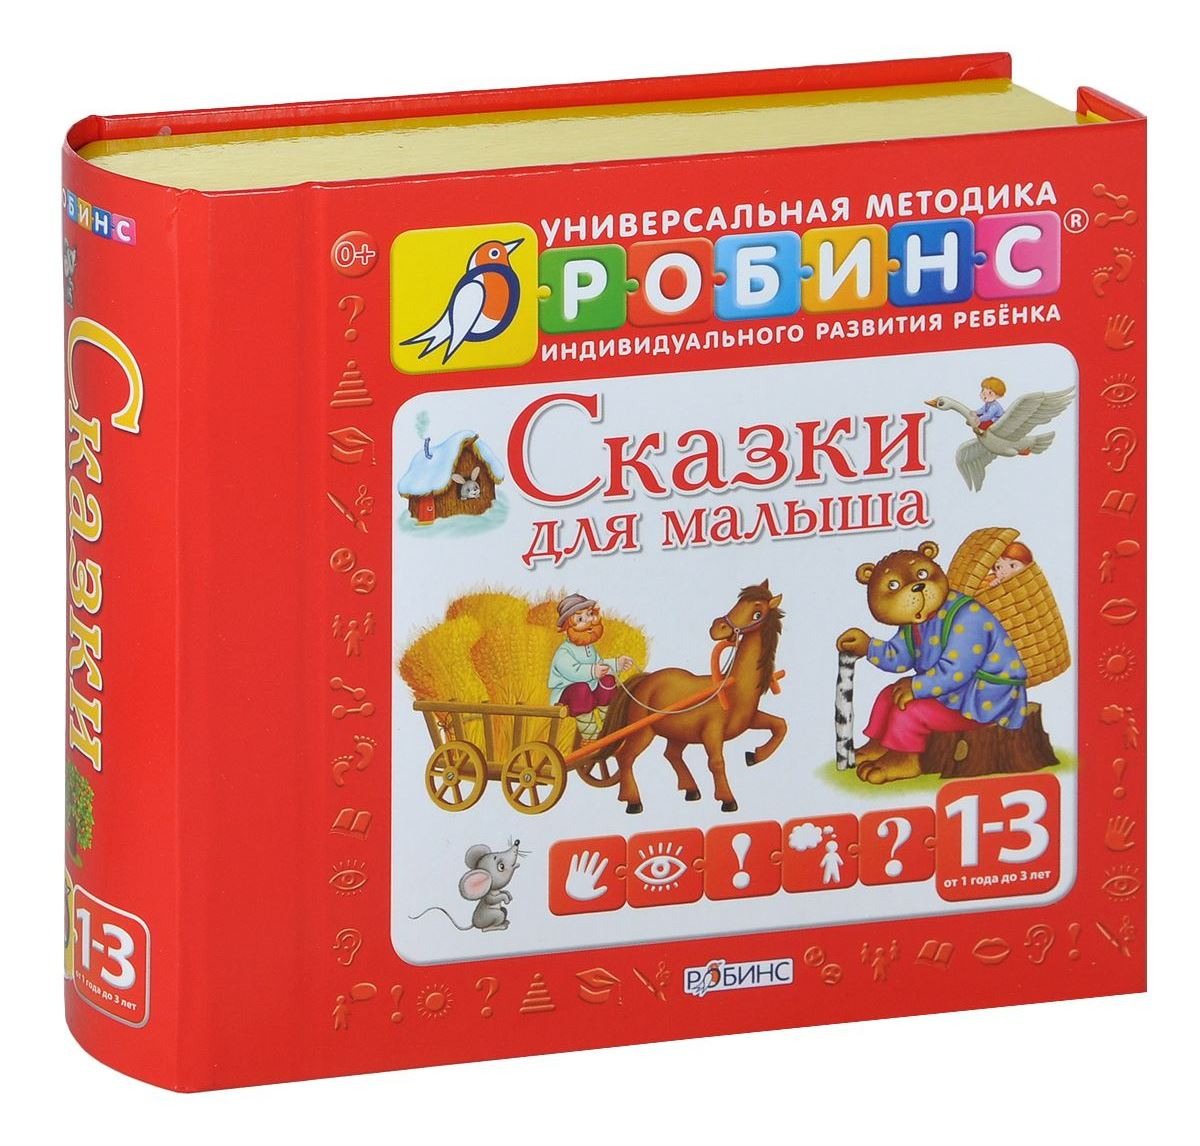 Книга «Сказки для малыша» New - Для самых маленьких. Книжки-панорамки, артикул: 132765